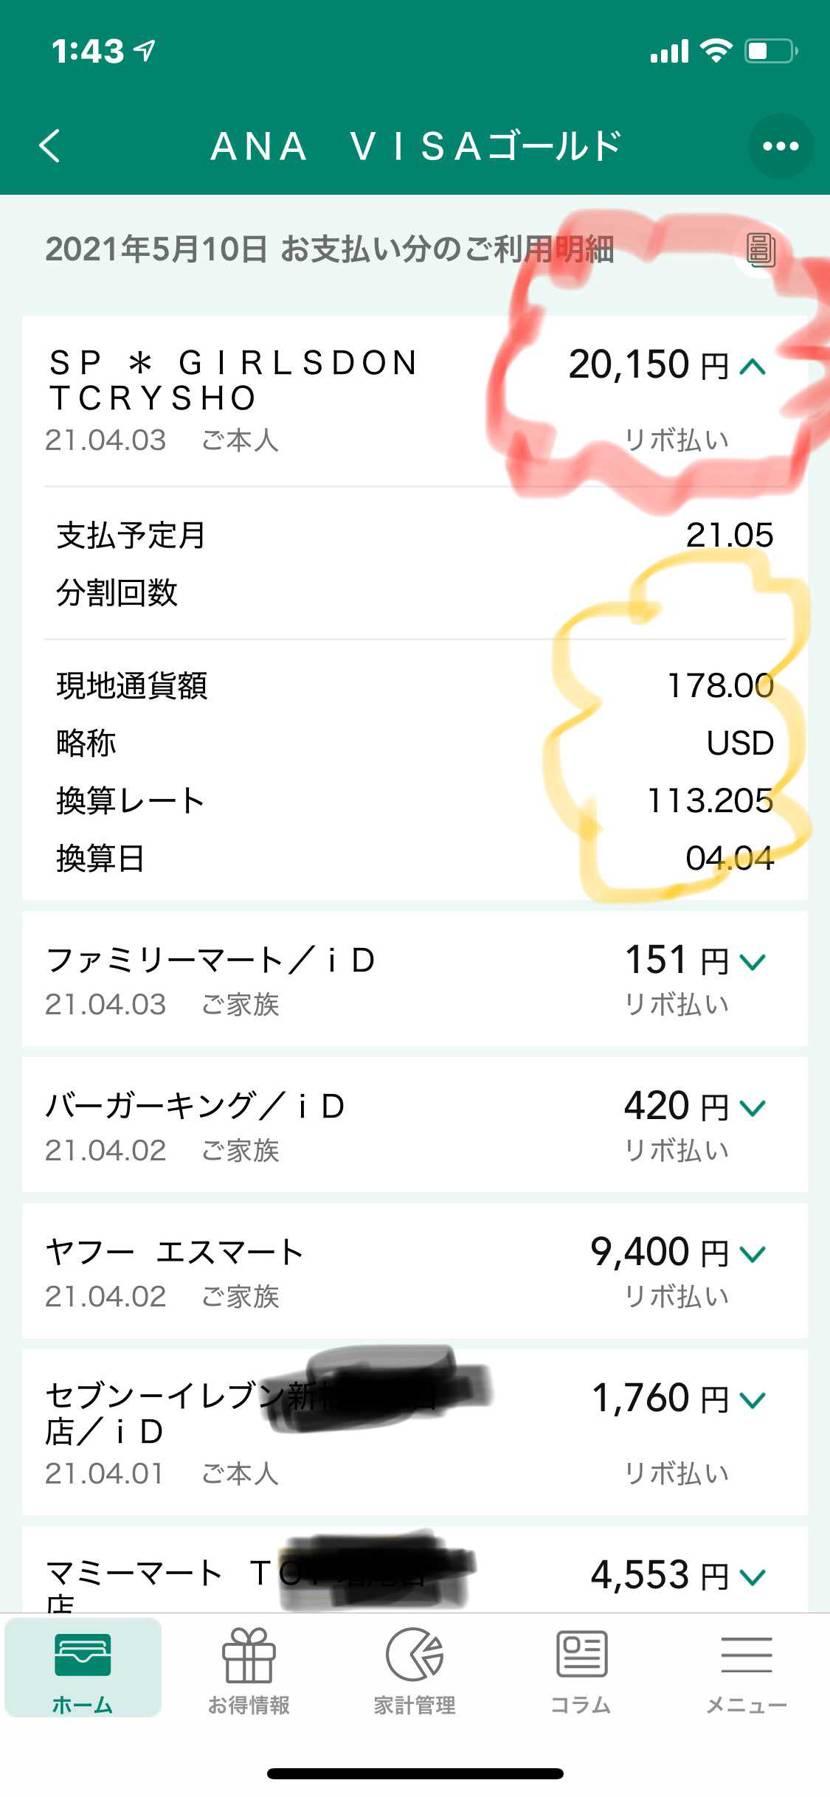 カード明細見てみました。 Special Boxの円換算 ¥20,150- で